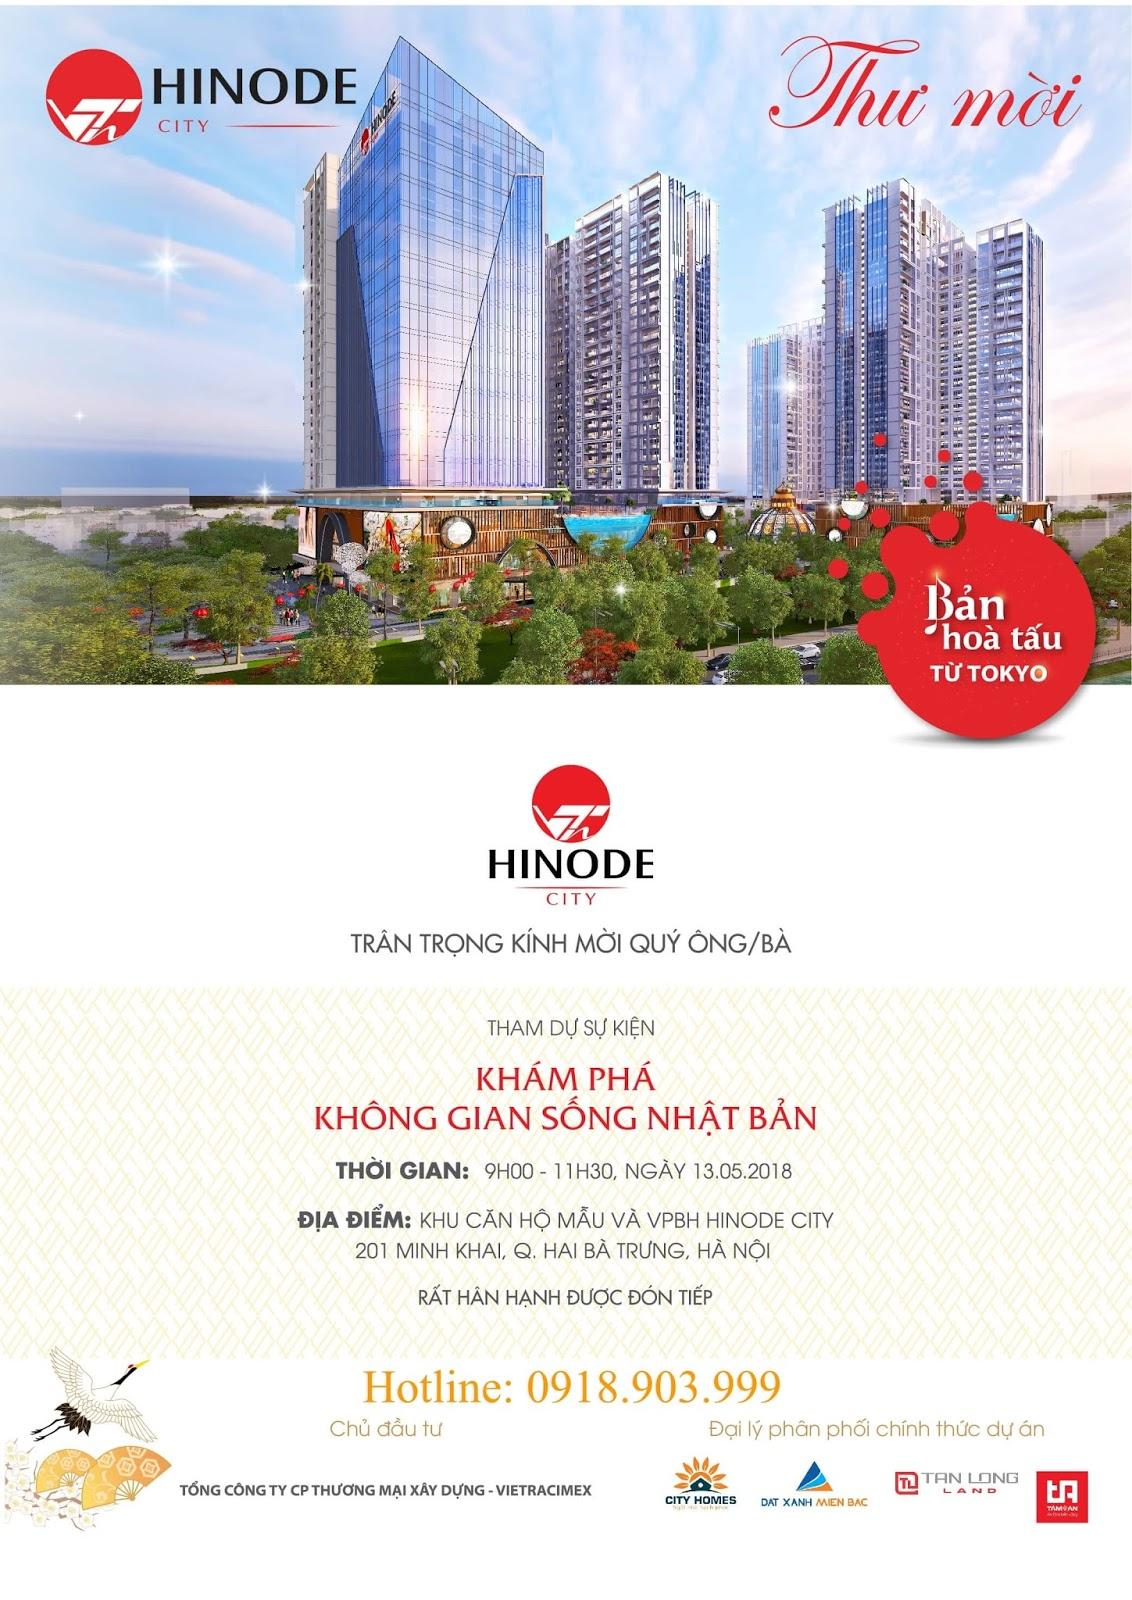 Thư mời tham dự sự kiện mở bán Hinode City 201 Minh Khai